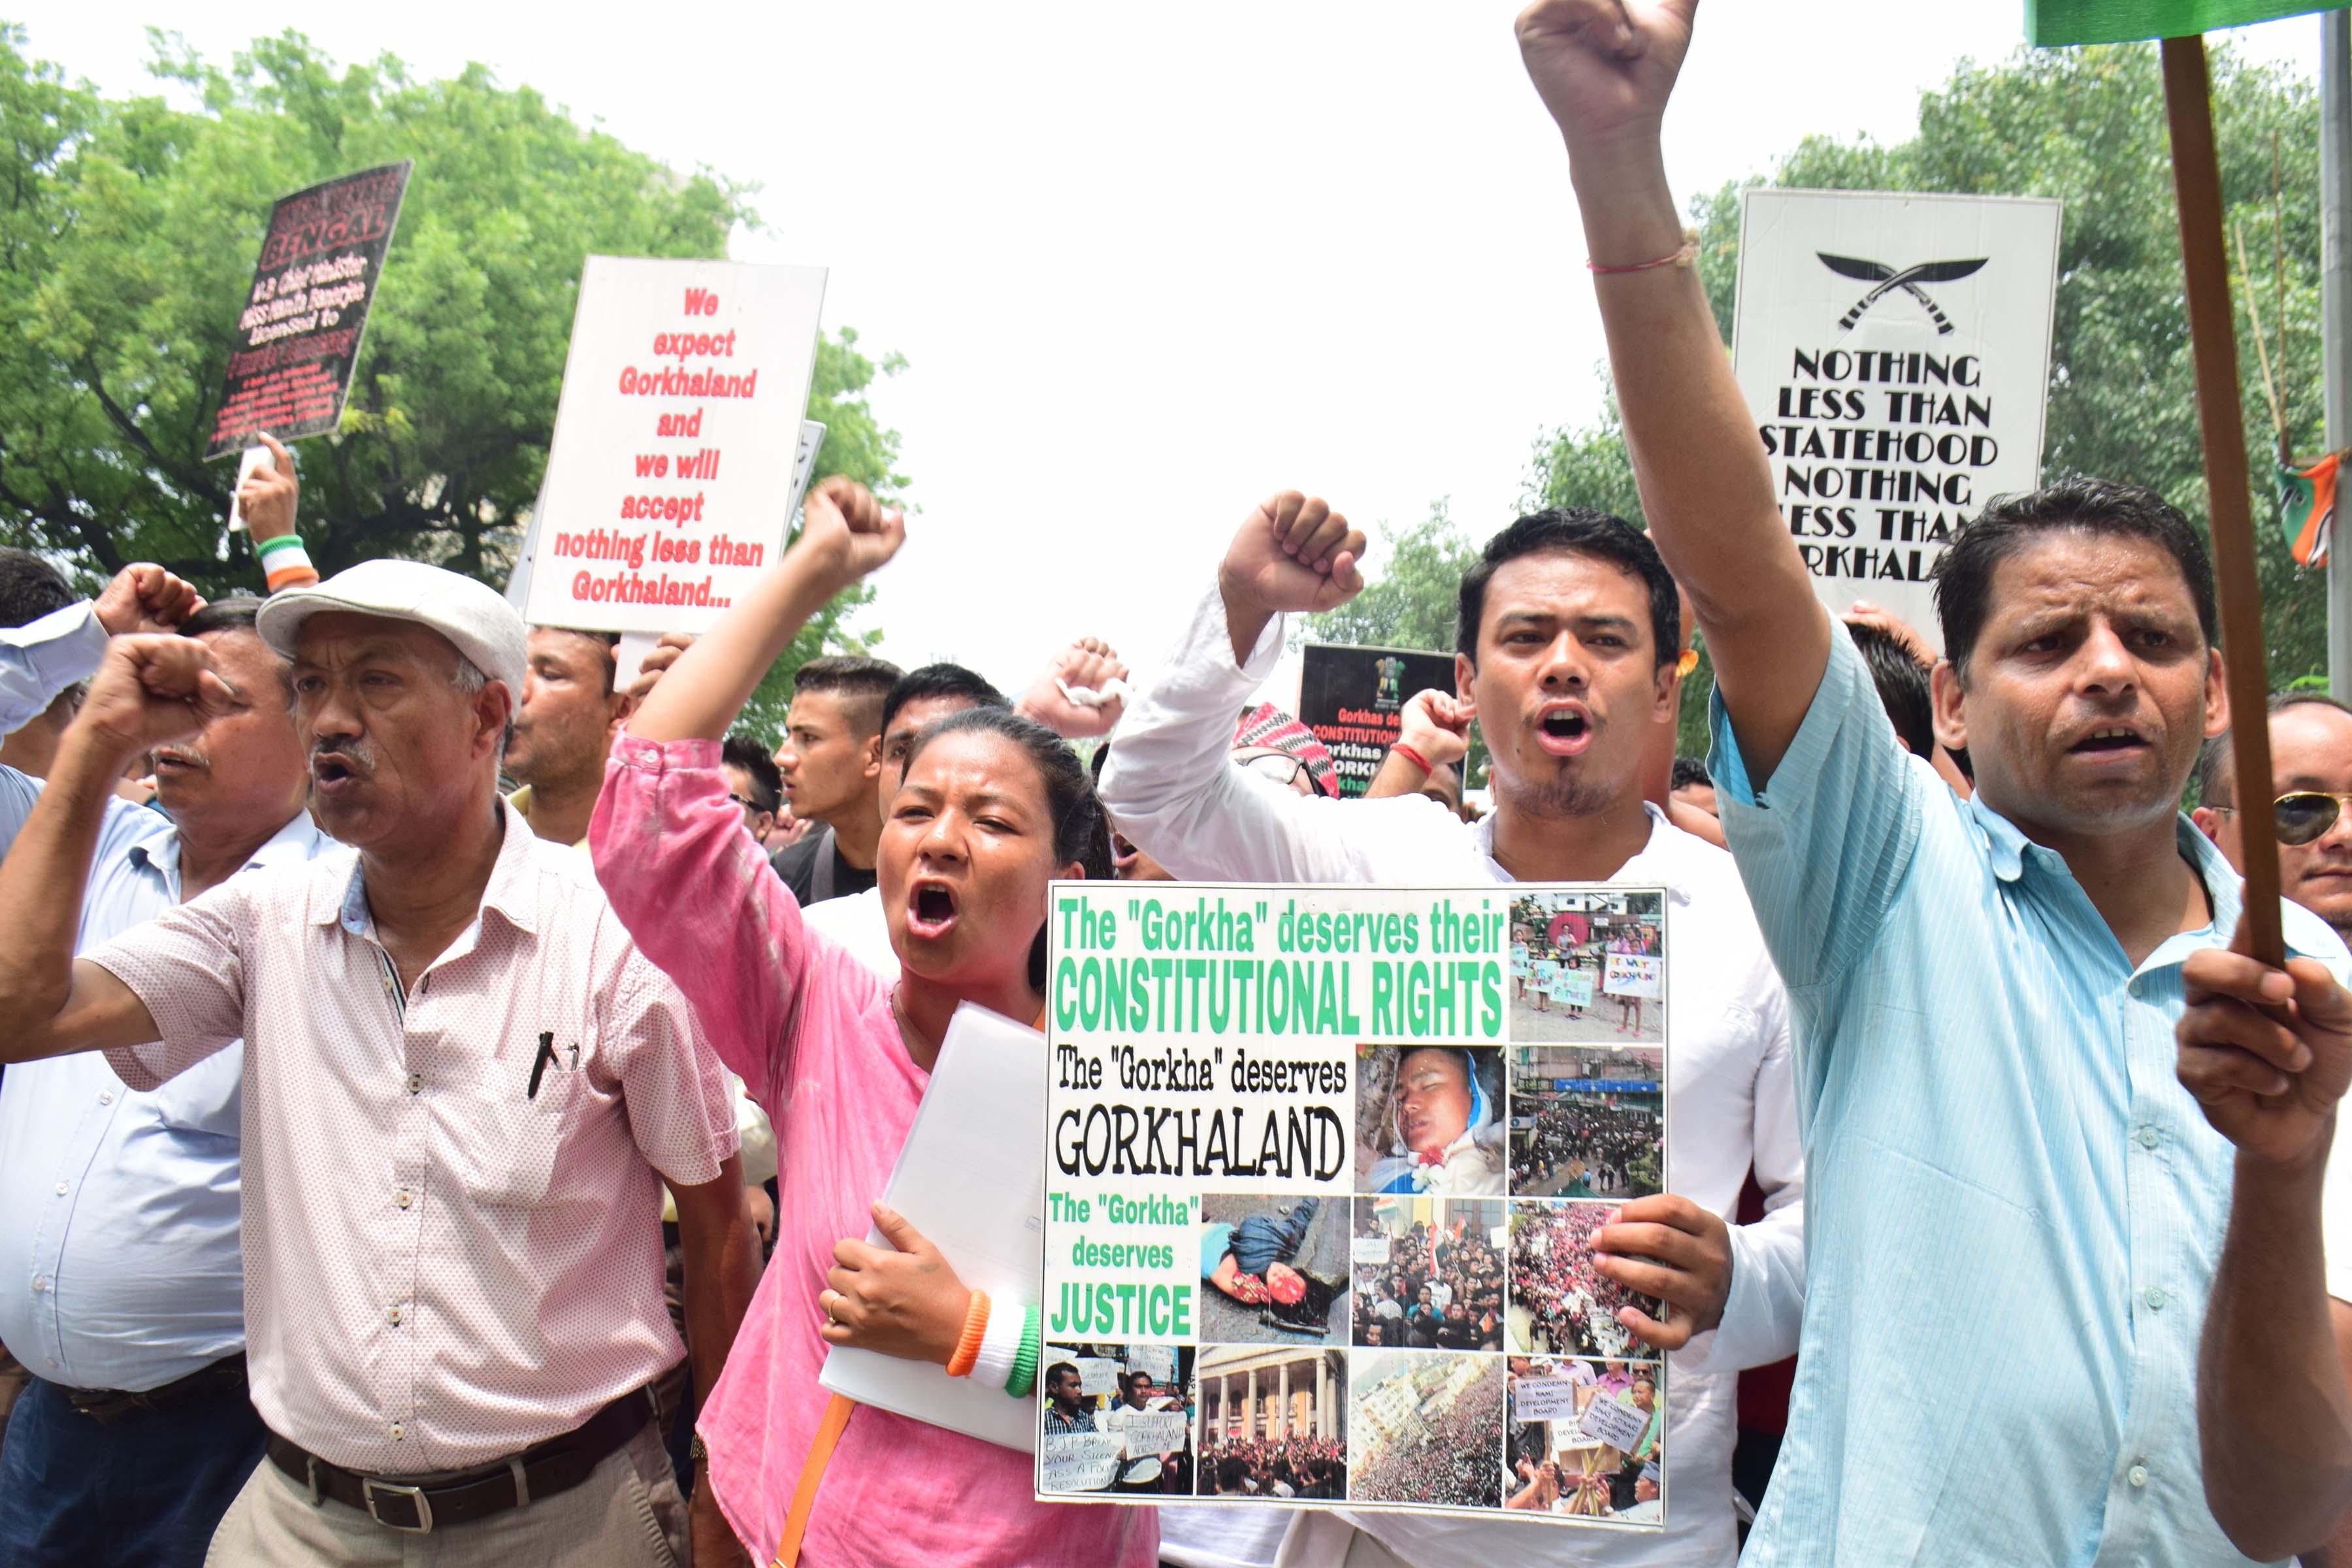 तस्वीरों में देखिए, गोरखालैंड राज्य की मांग को लेकर जीजेएम का संसद मार्च